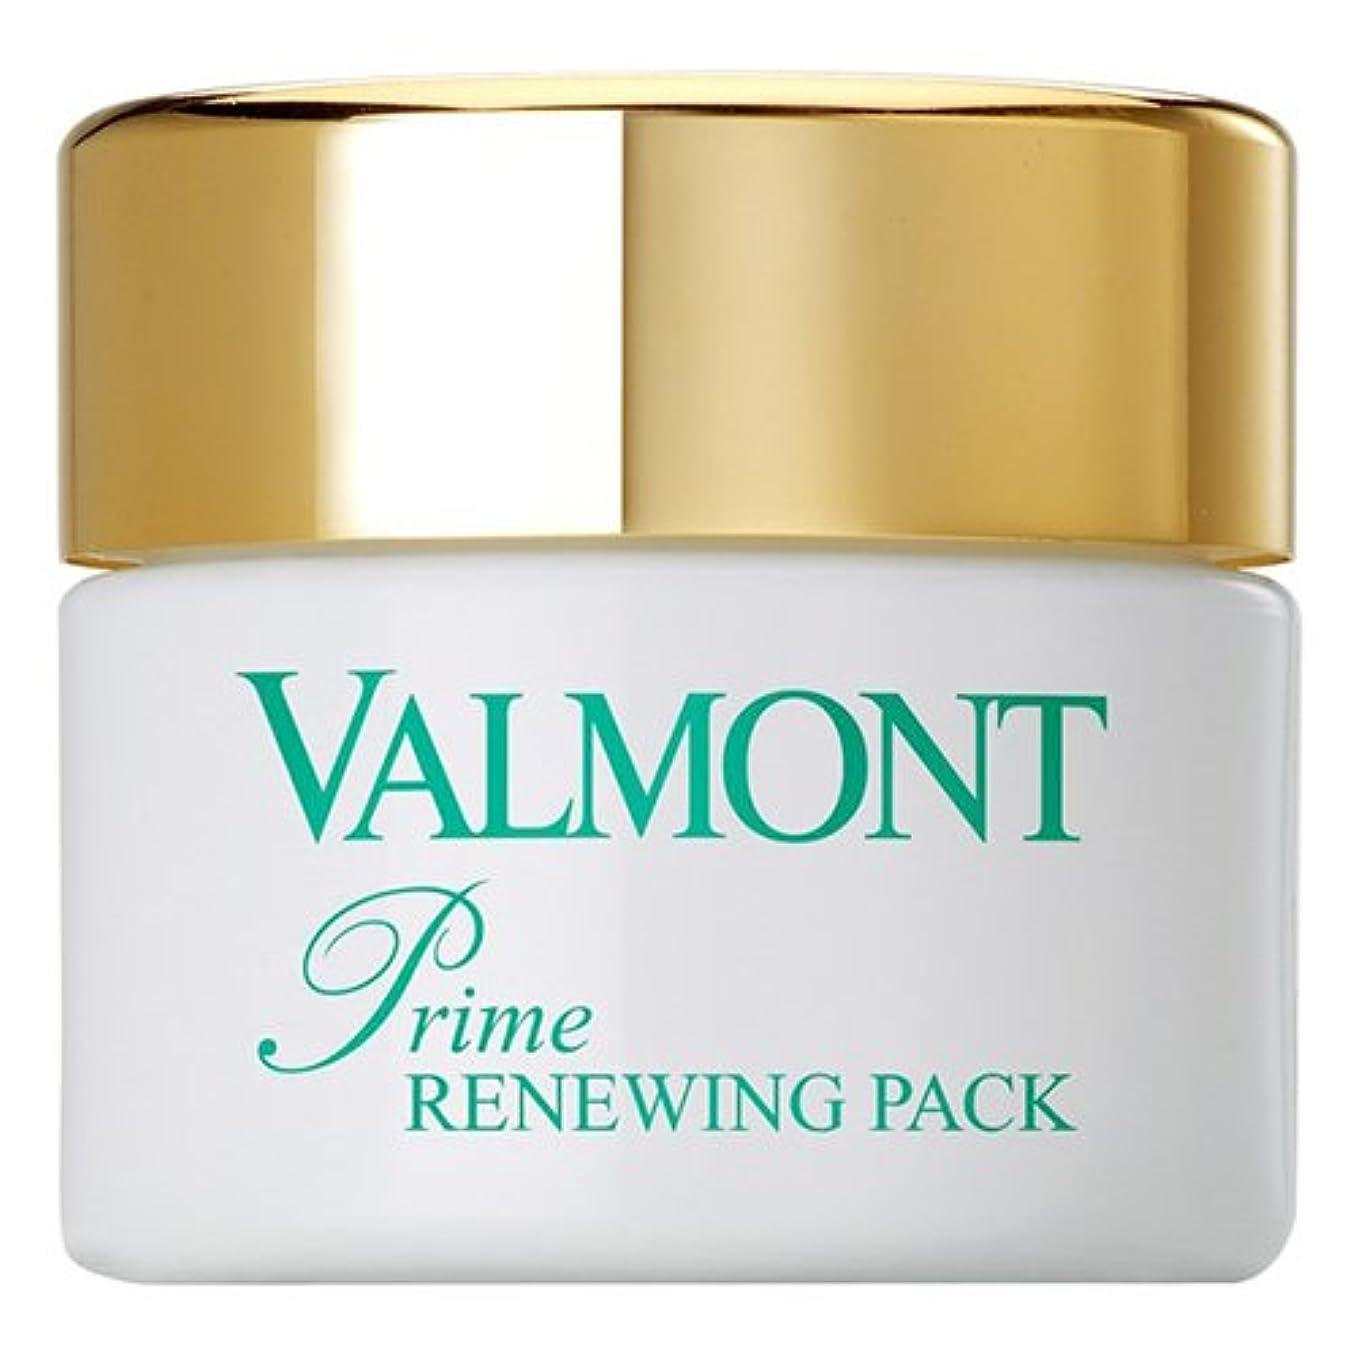 最初は先のことを考える浸食Valmont Prime Renewing Pack, 7.0 Ounce エイジングケアマスク クリーム